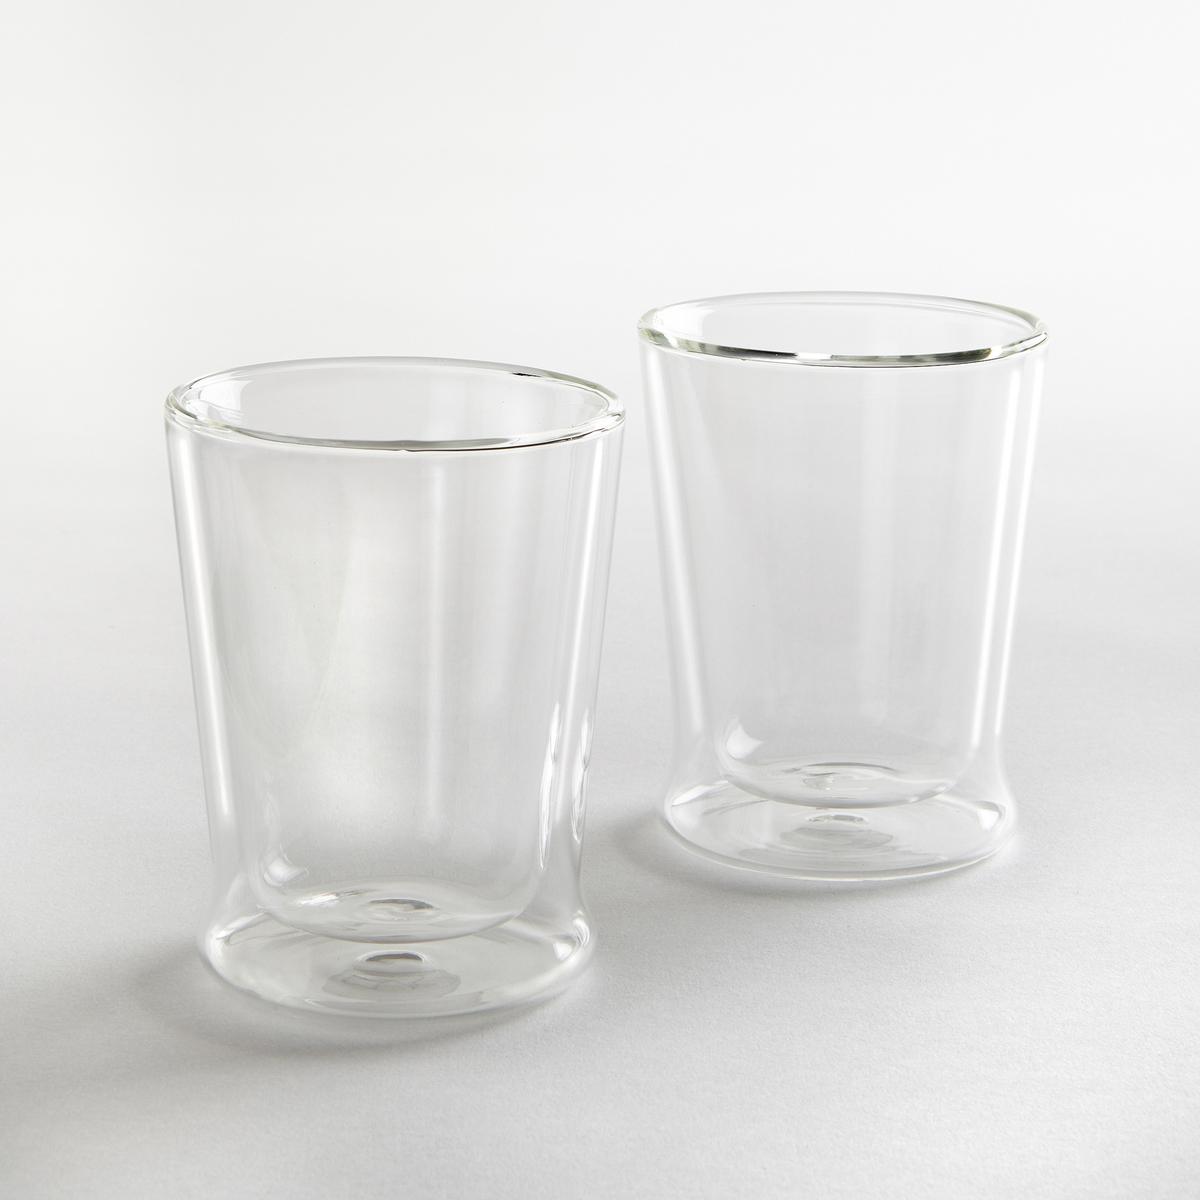 Комплект из 2 стеклянных чашек с двойными стенками tomy трактор john deere 6830 с двойными колесами и фронтальным погрузчиком с 3 лет